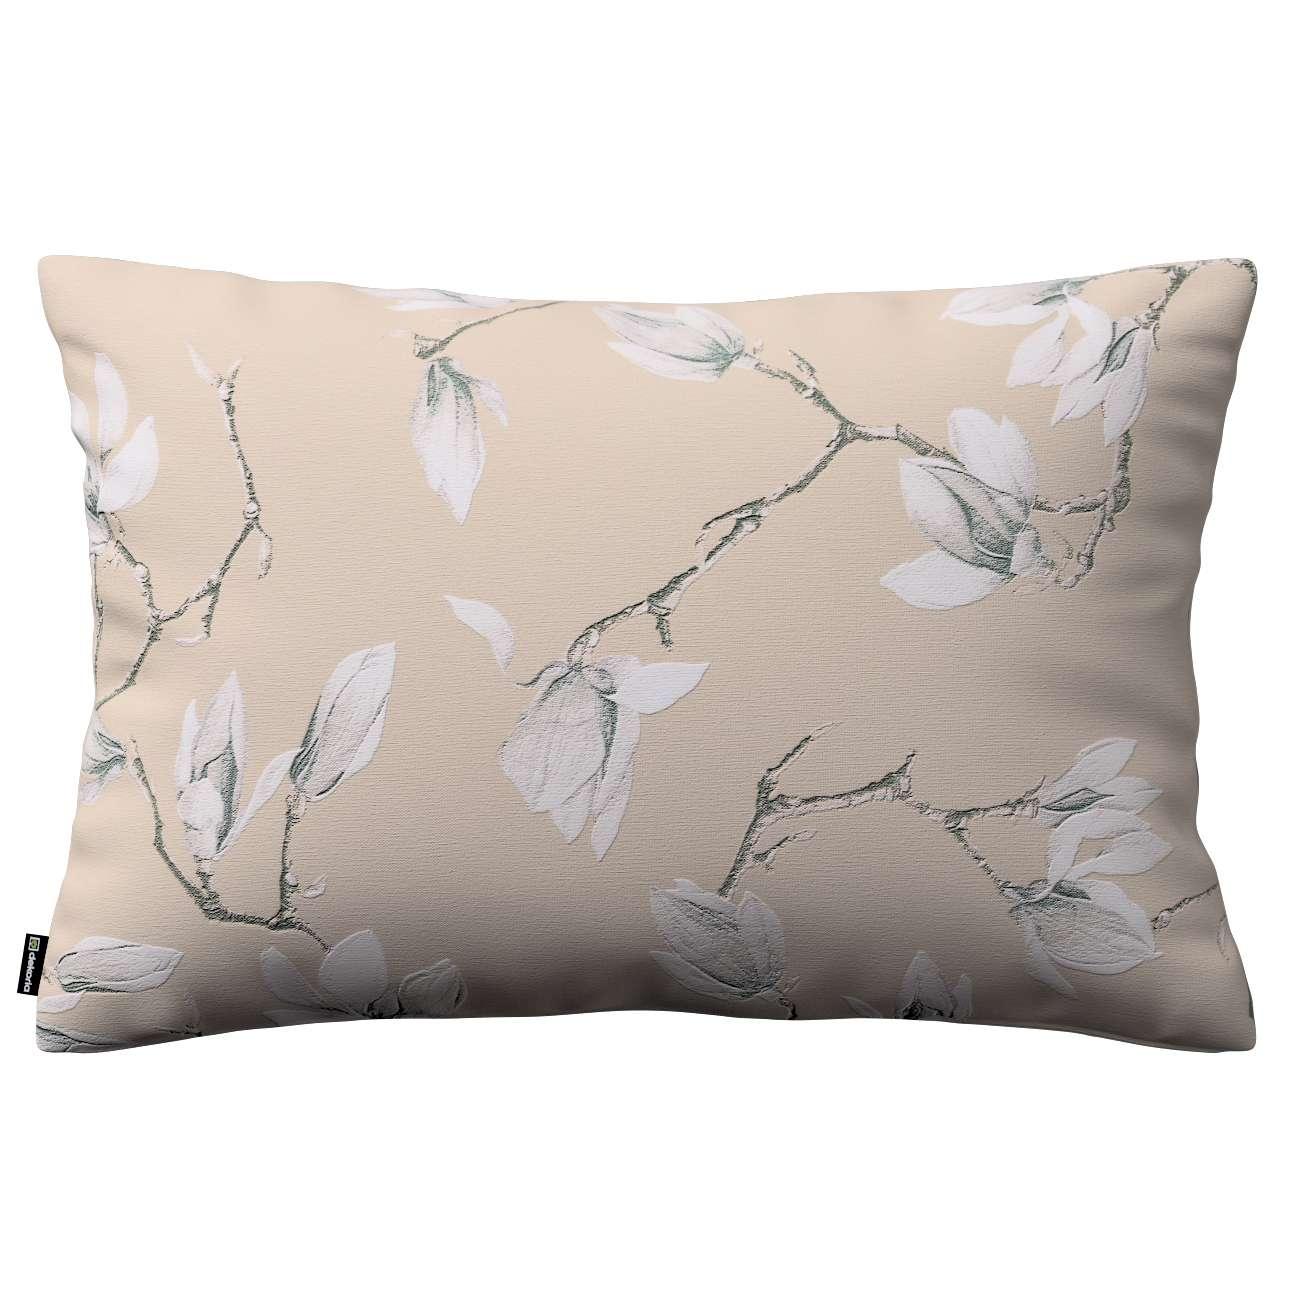 Kinga dekoratyvinės pagalvėlės užvalkalas 60x40cm 60x40cm kolekcijoje Flowers, audinys: 311-12